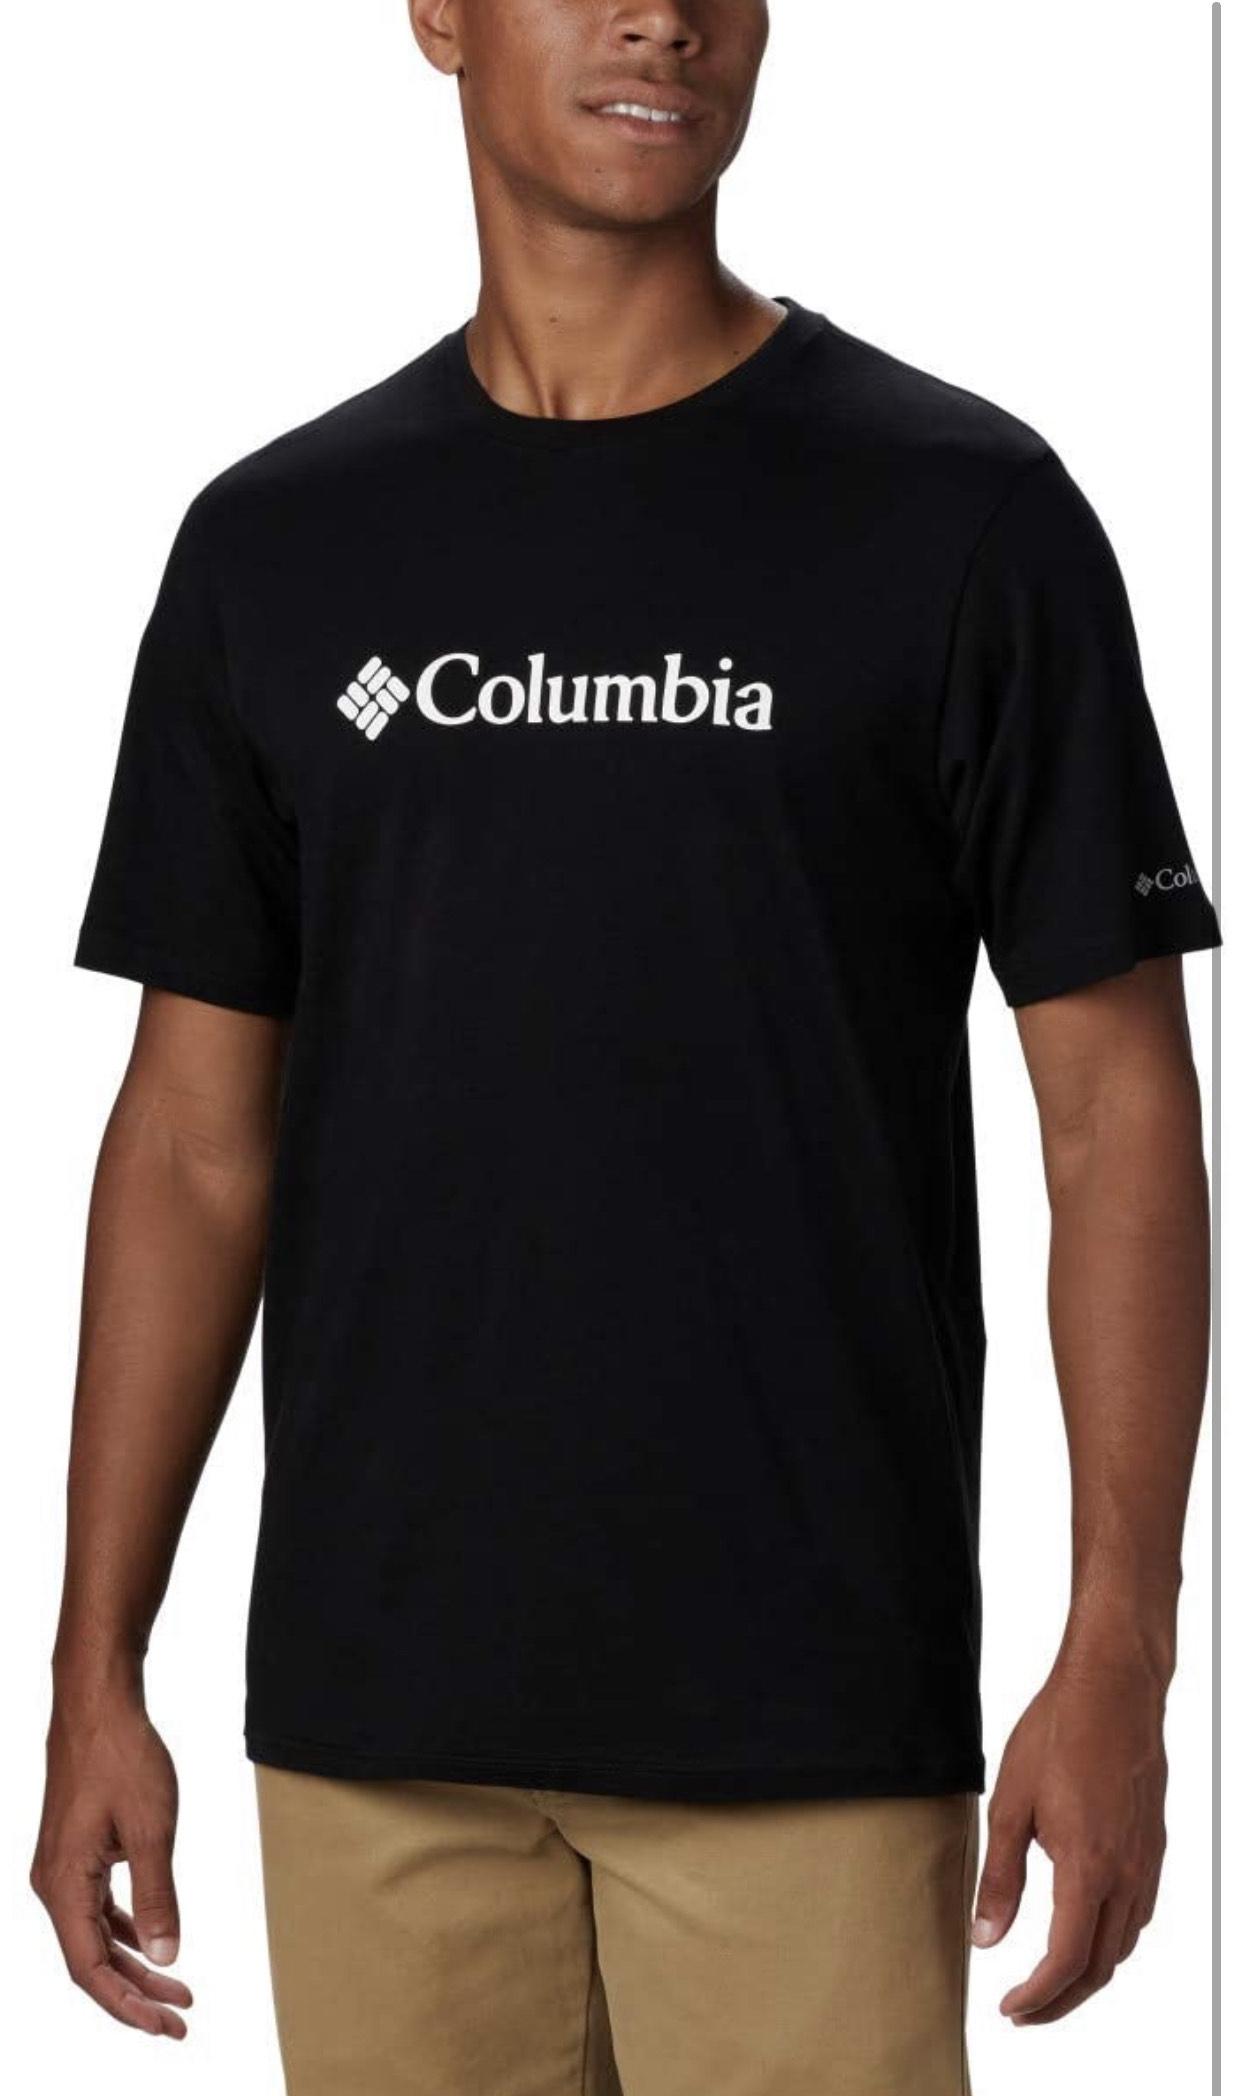 Amazon: Camiseta Columbia XL color negro